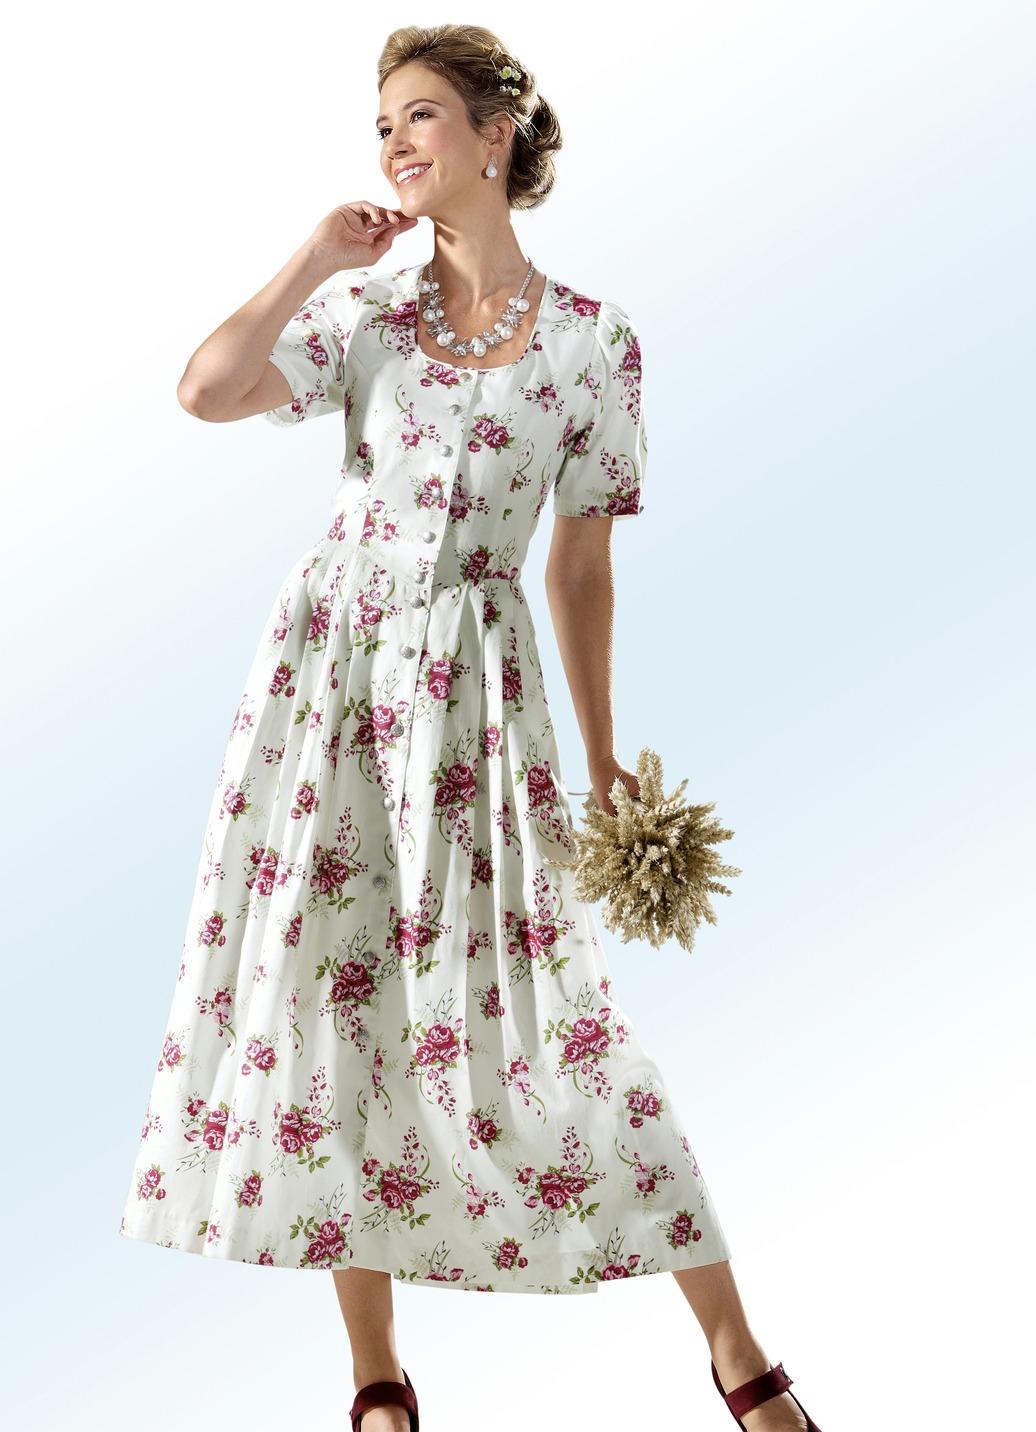 Landhauskleid mit durchgehender Schmuckknopfleiste Ecru-Bunt Größe 23 Damen Preisvergleich